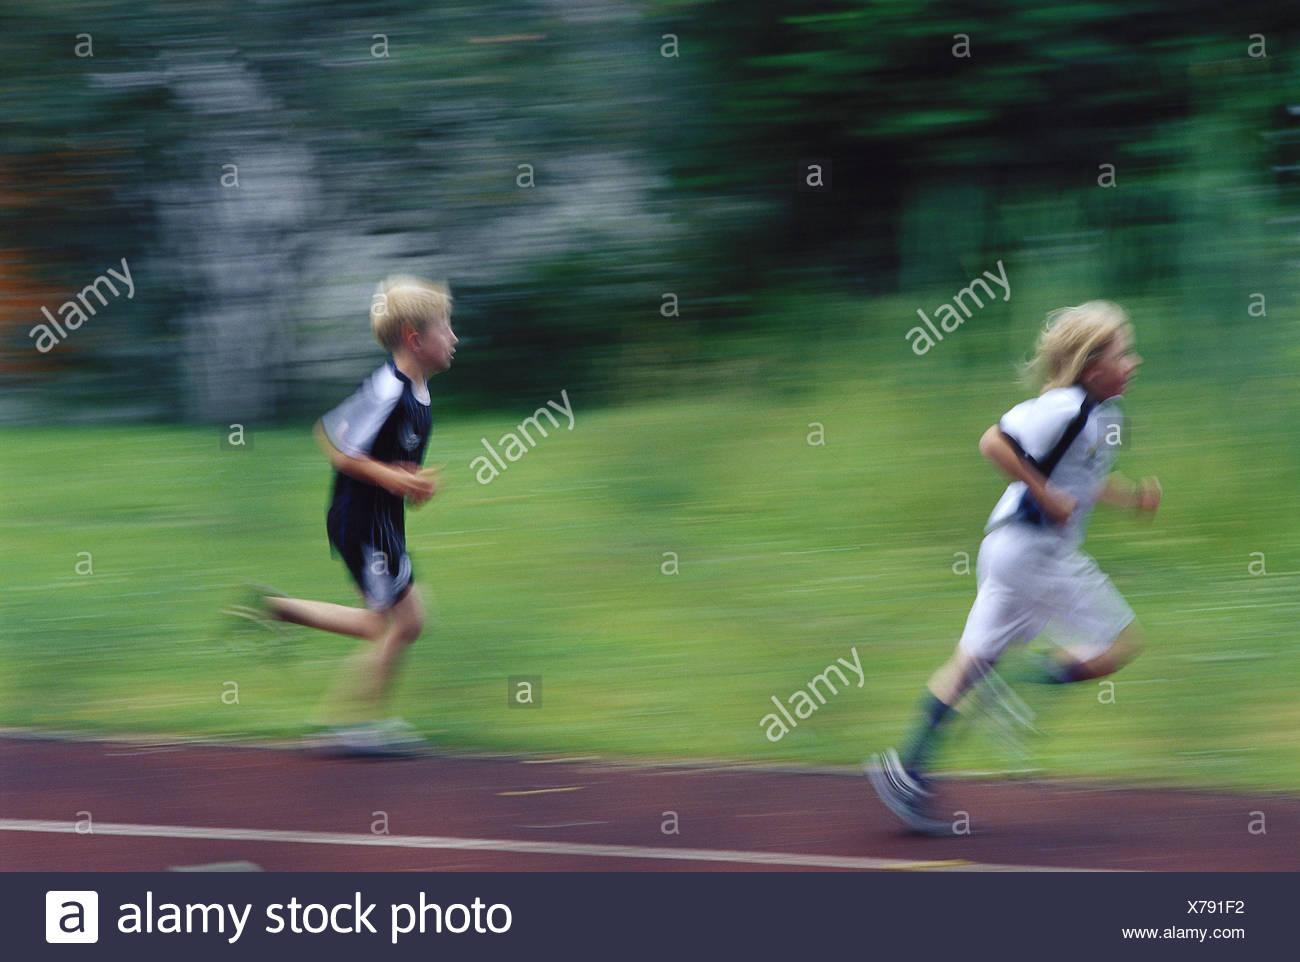 Campo de Deportes, Boy, Run, vista lateral, Blur, ningún modelo de liberación, persona, niños, colegiales, el deporte, las clases de deporte, la raza, la competencia, el movimiento, la marcha, la distancia, la ambición, la rapidez, velocidad, entrenamiento, dos Imagen De Stock